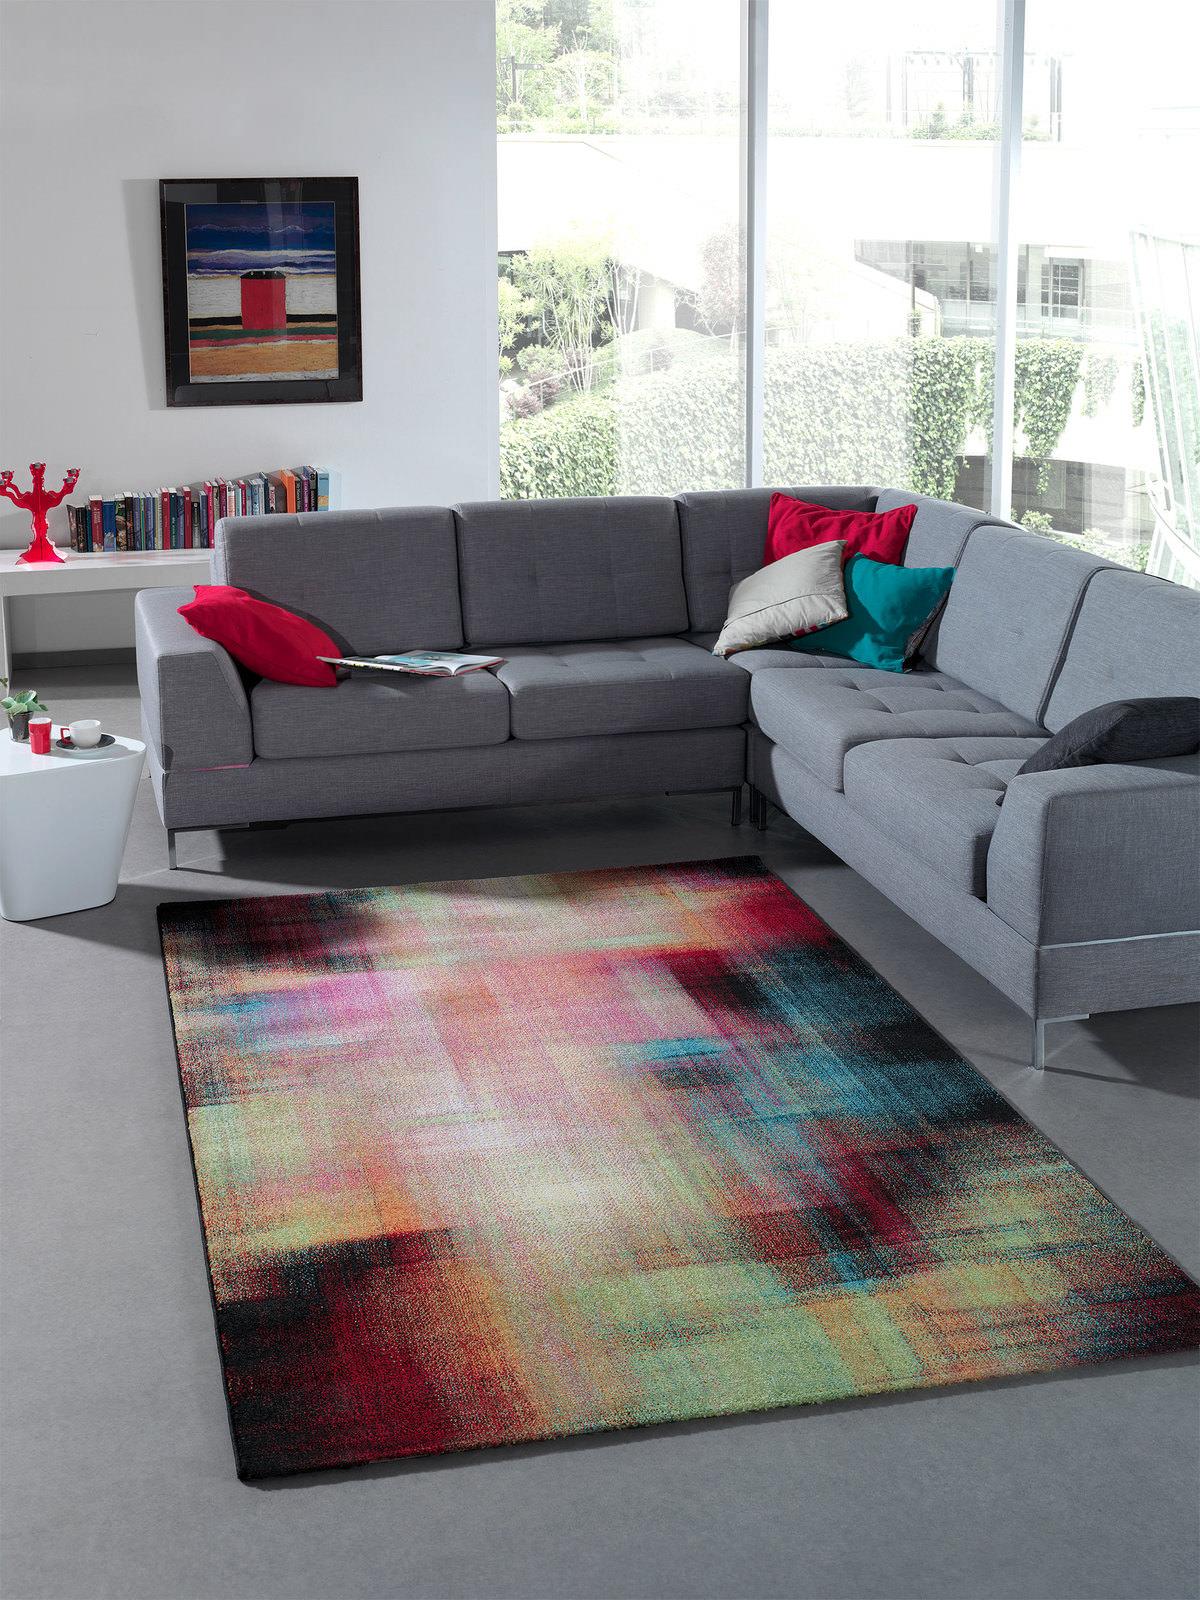 medipa moderner webteppich online entdecken schaffrath ihr m belhaus. Black Bedroom Furniture Sets. Home Design Ideas